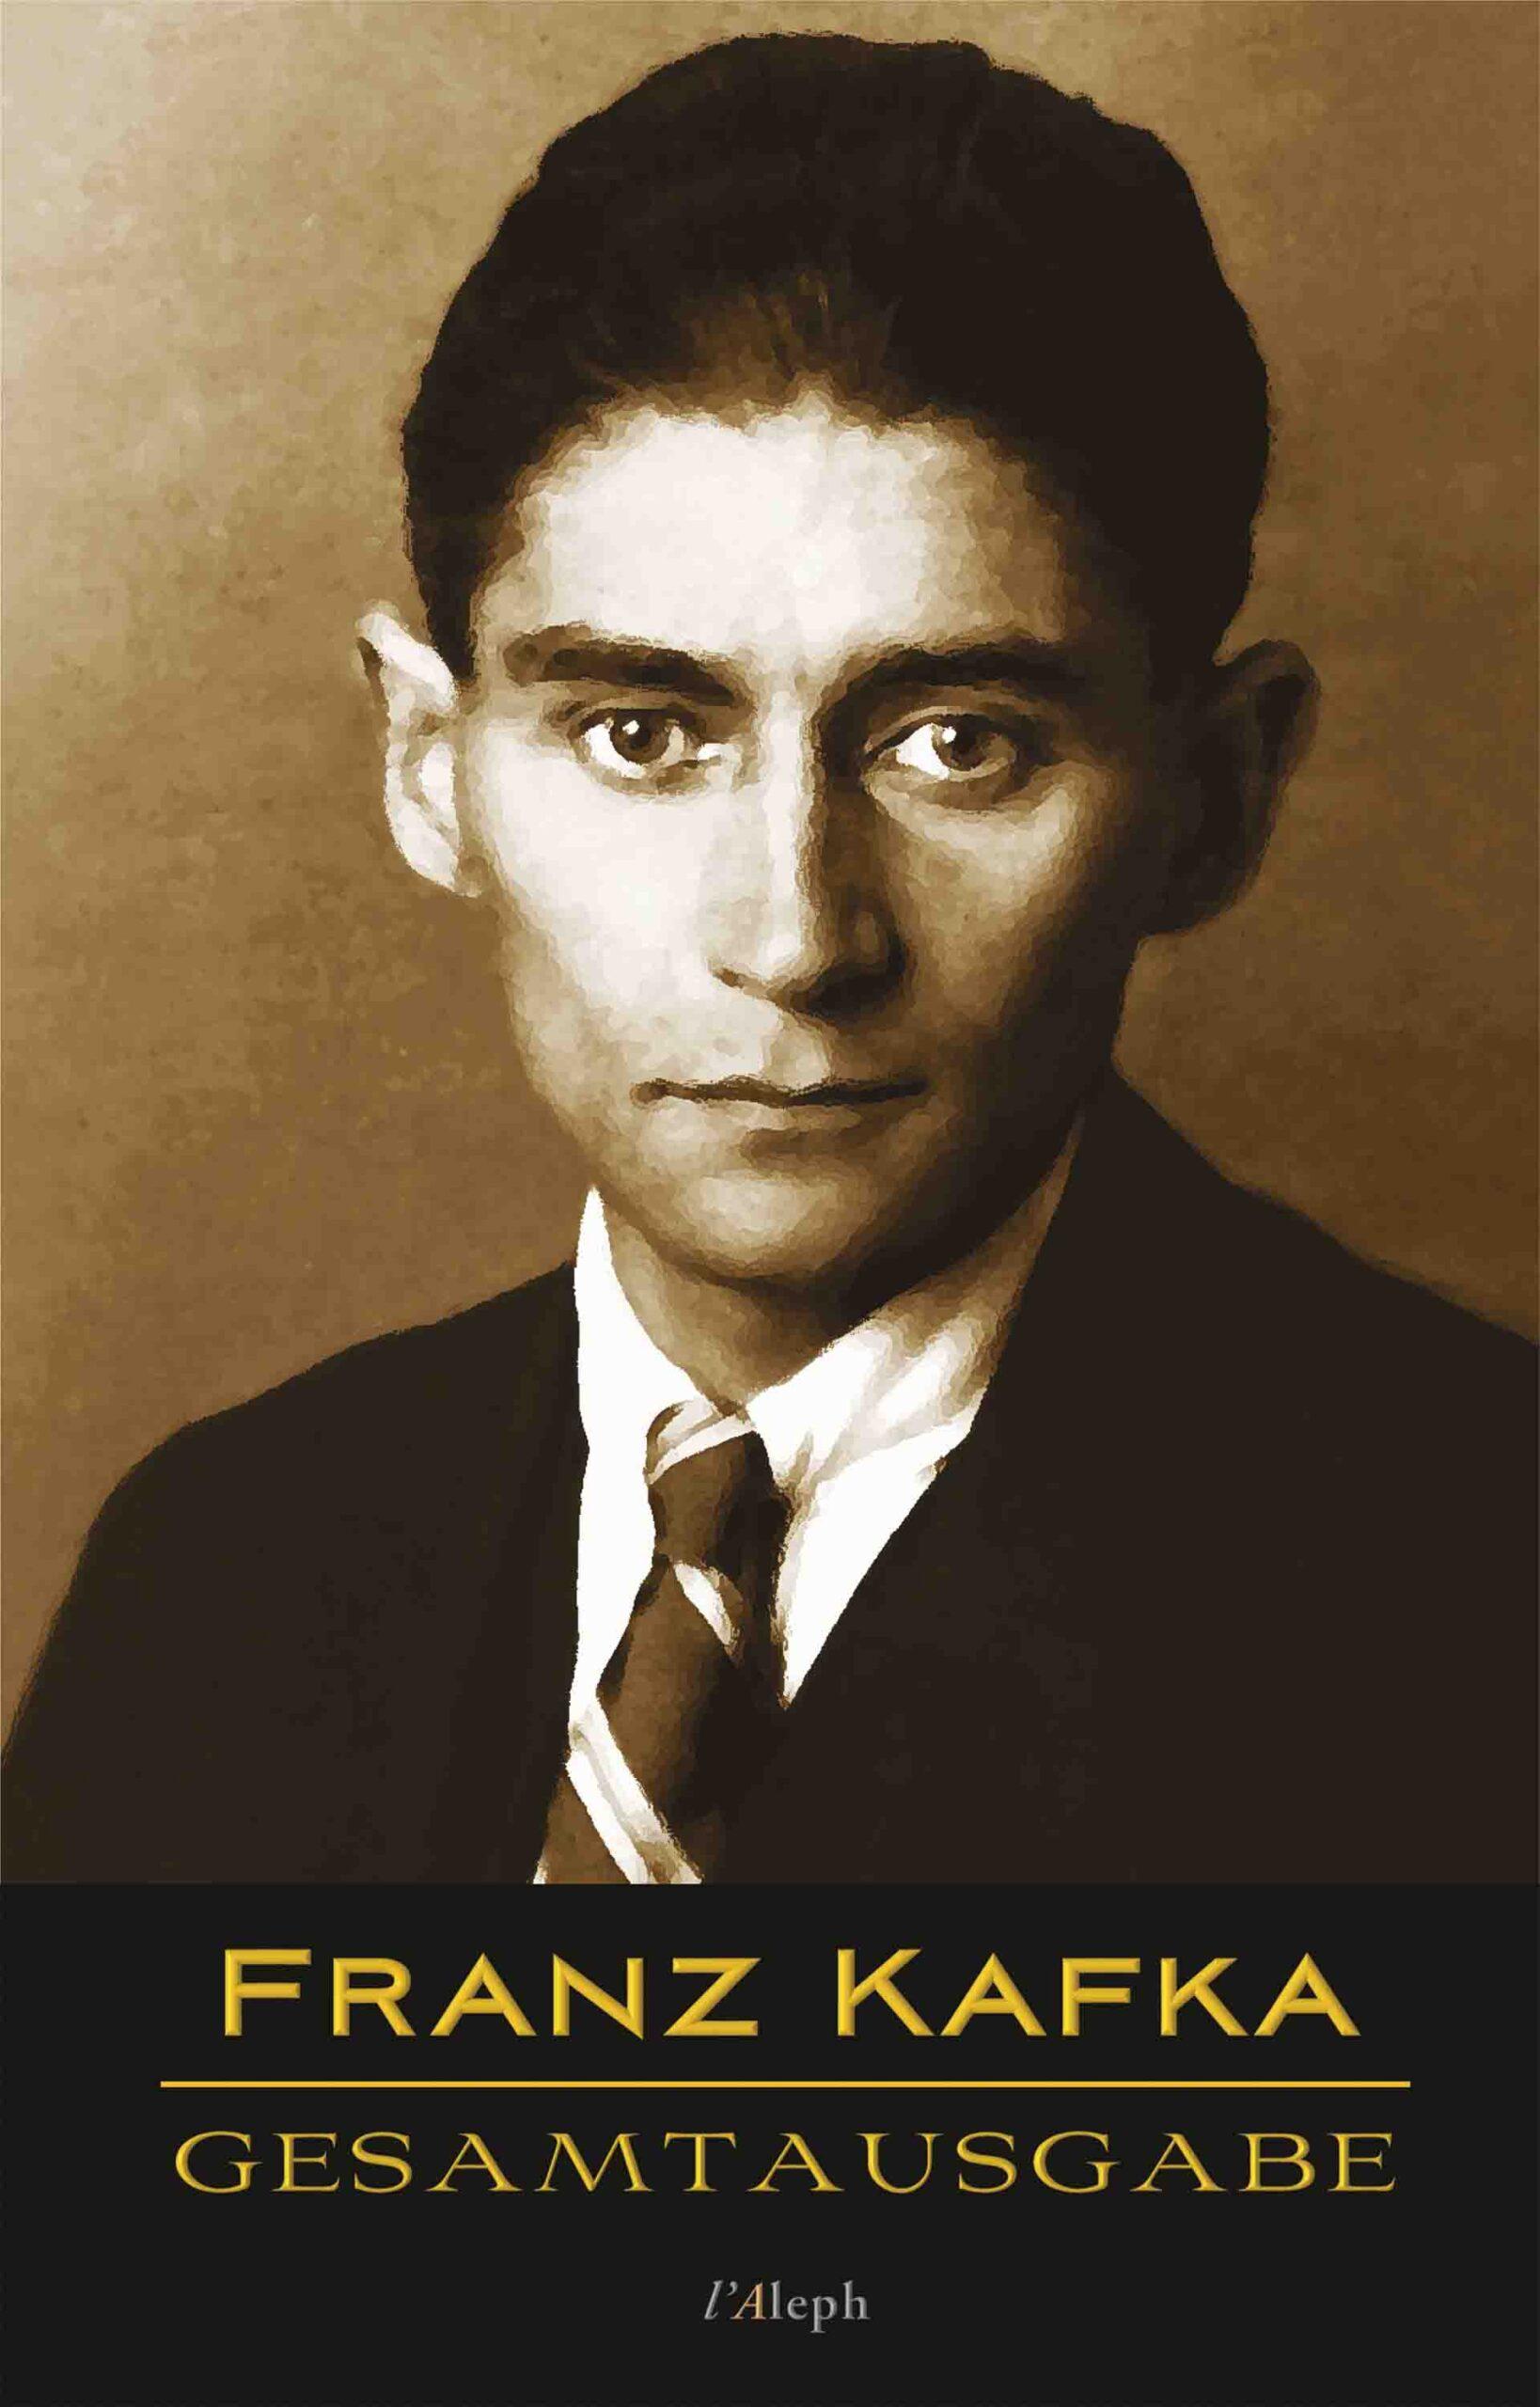 Franz Kafka – Gesamtausgabe